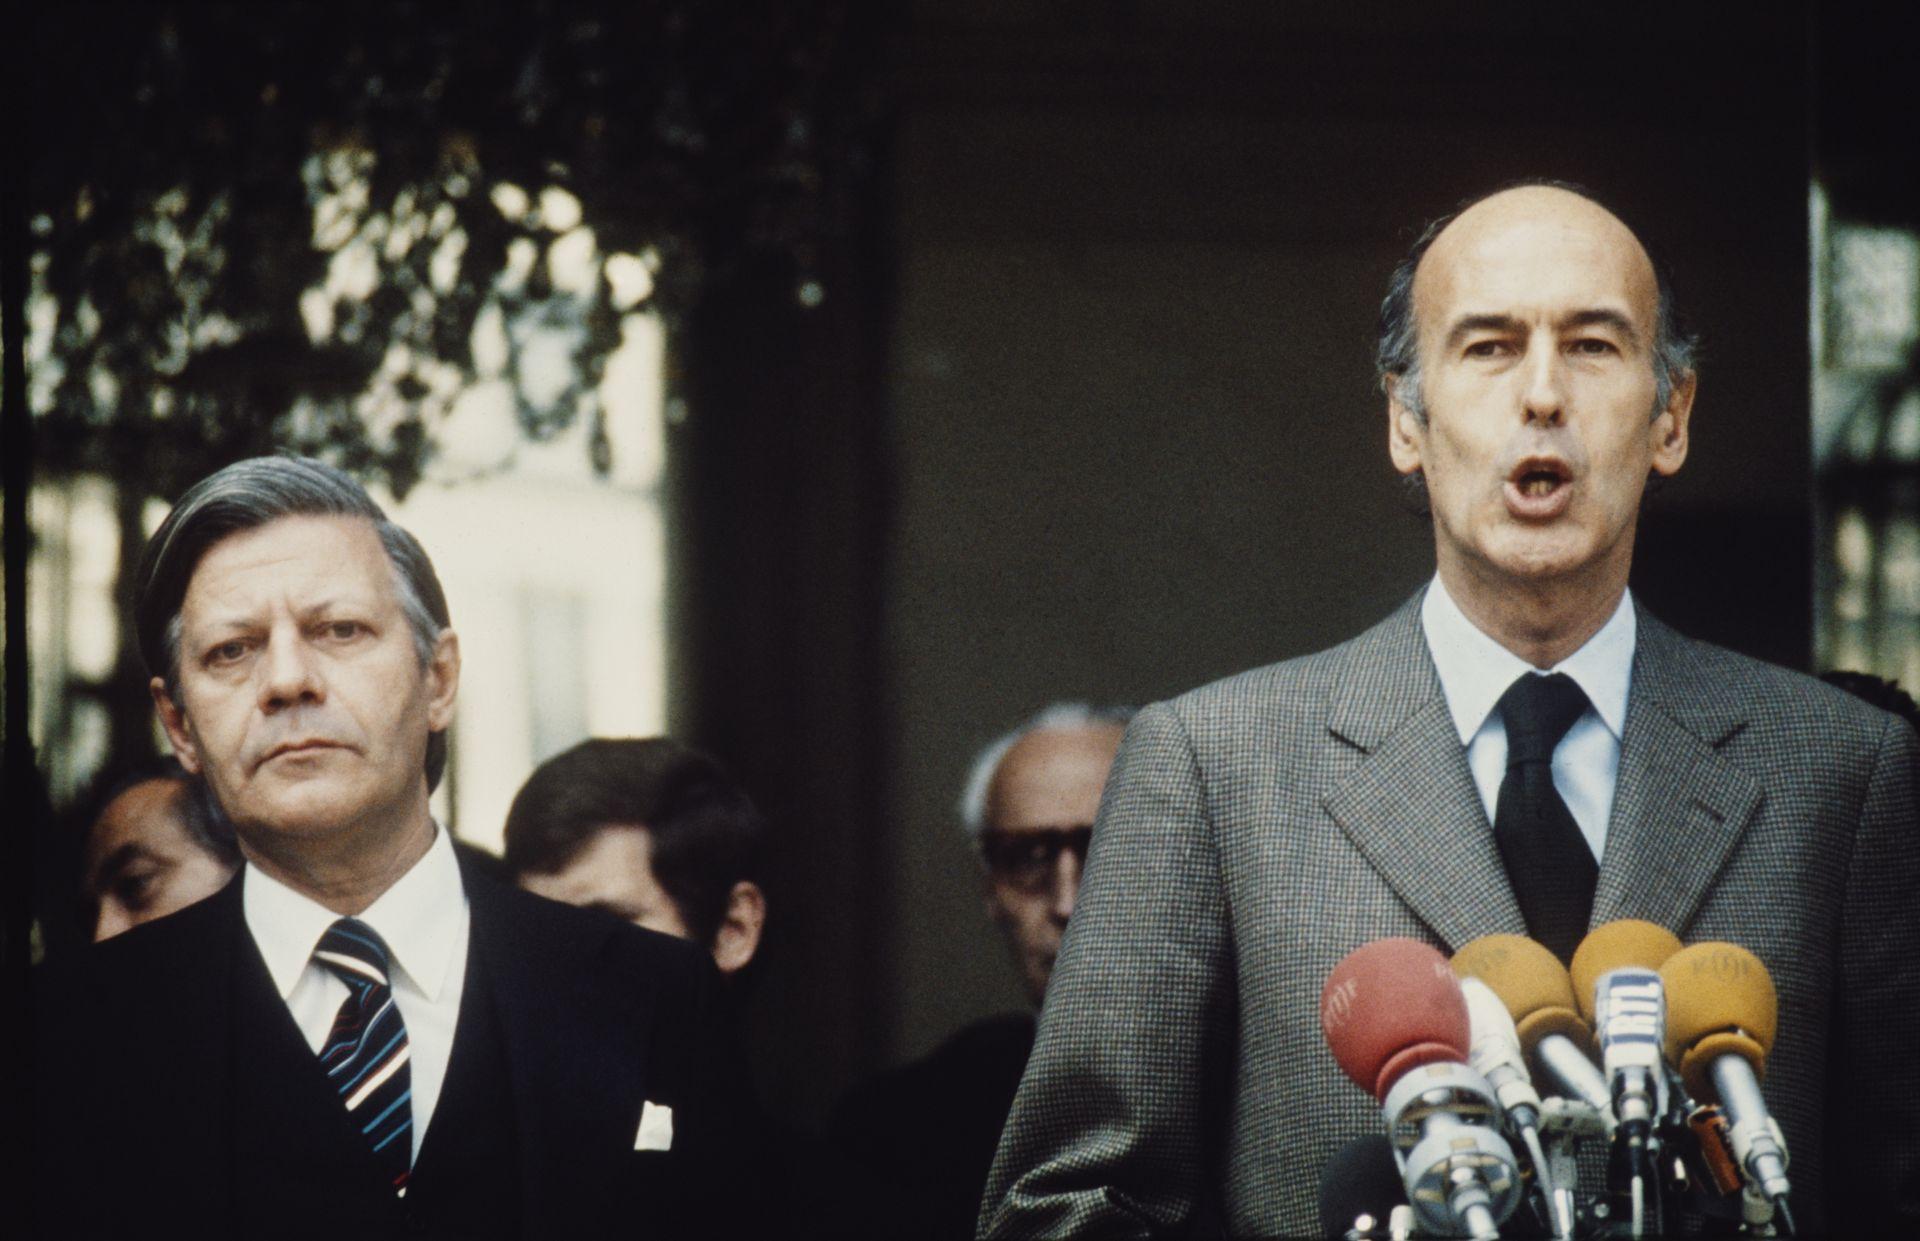 Валери Жискар д'Естен като президент на Франция с германския канцлер Хелмут Шмит (вляво) през 1974 г.